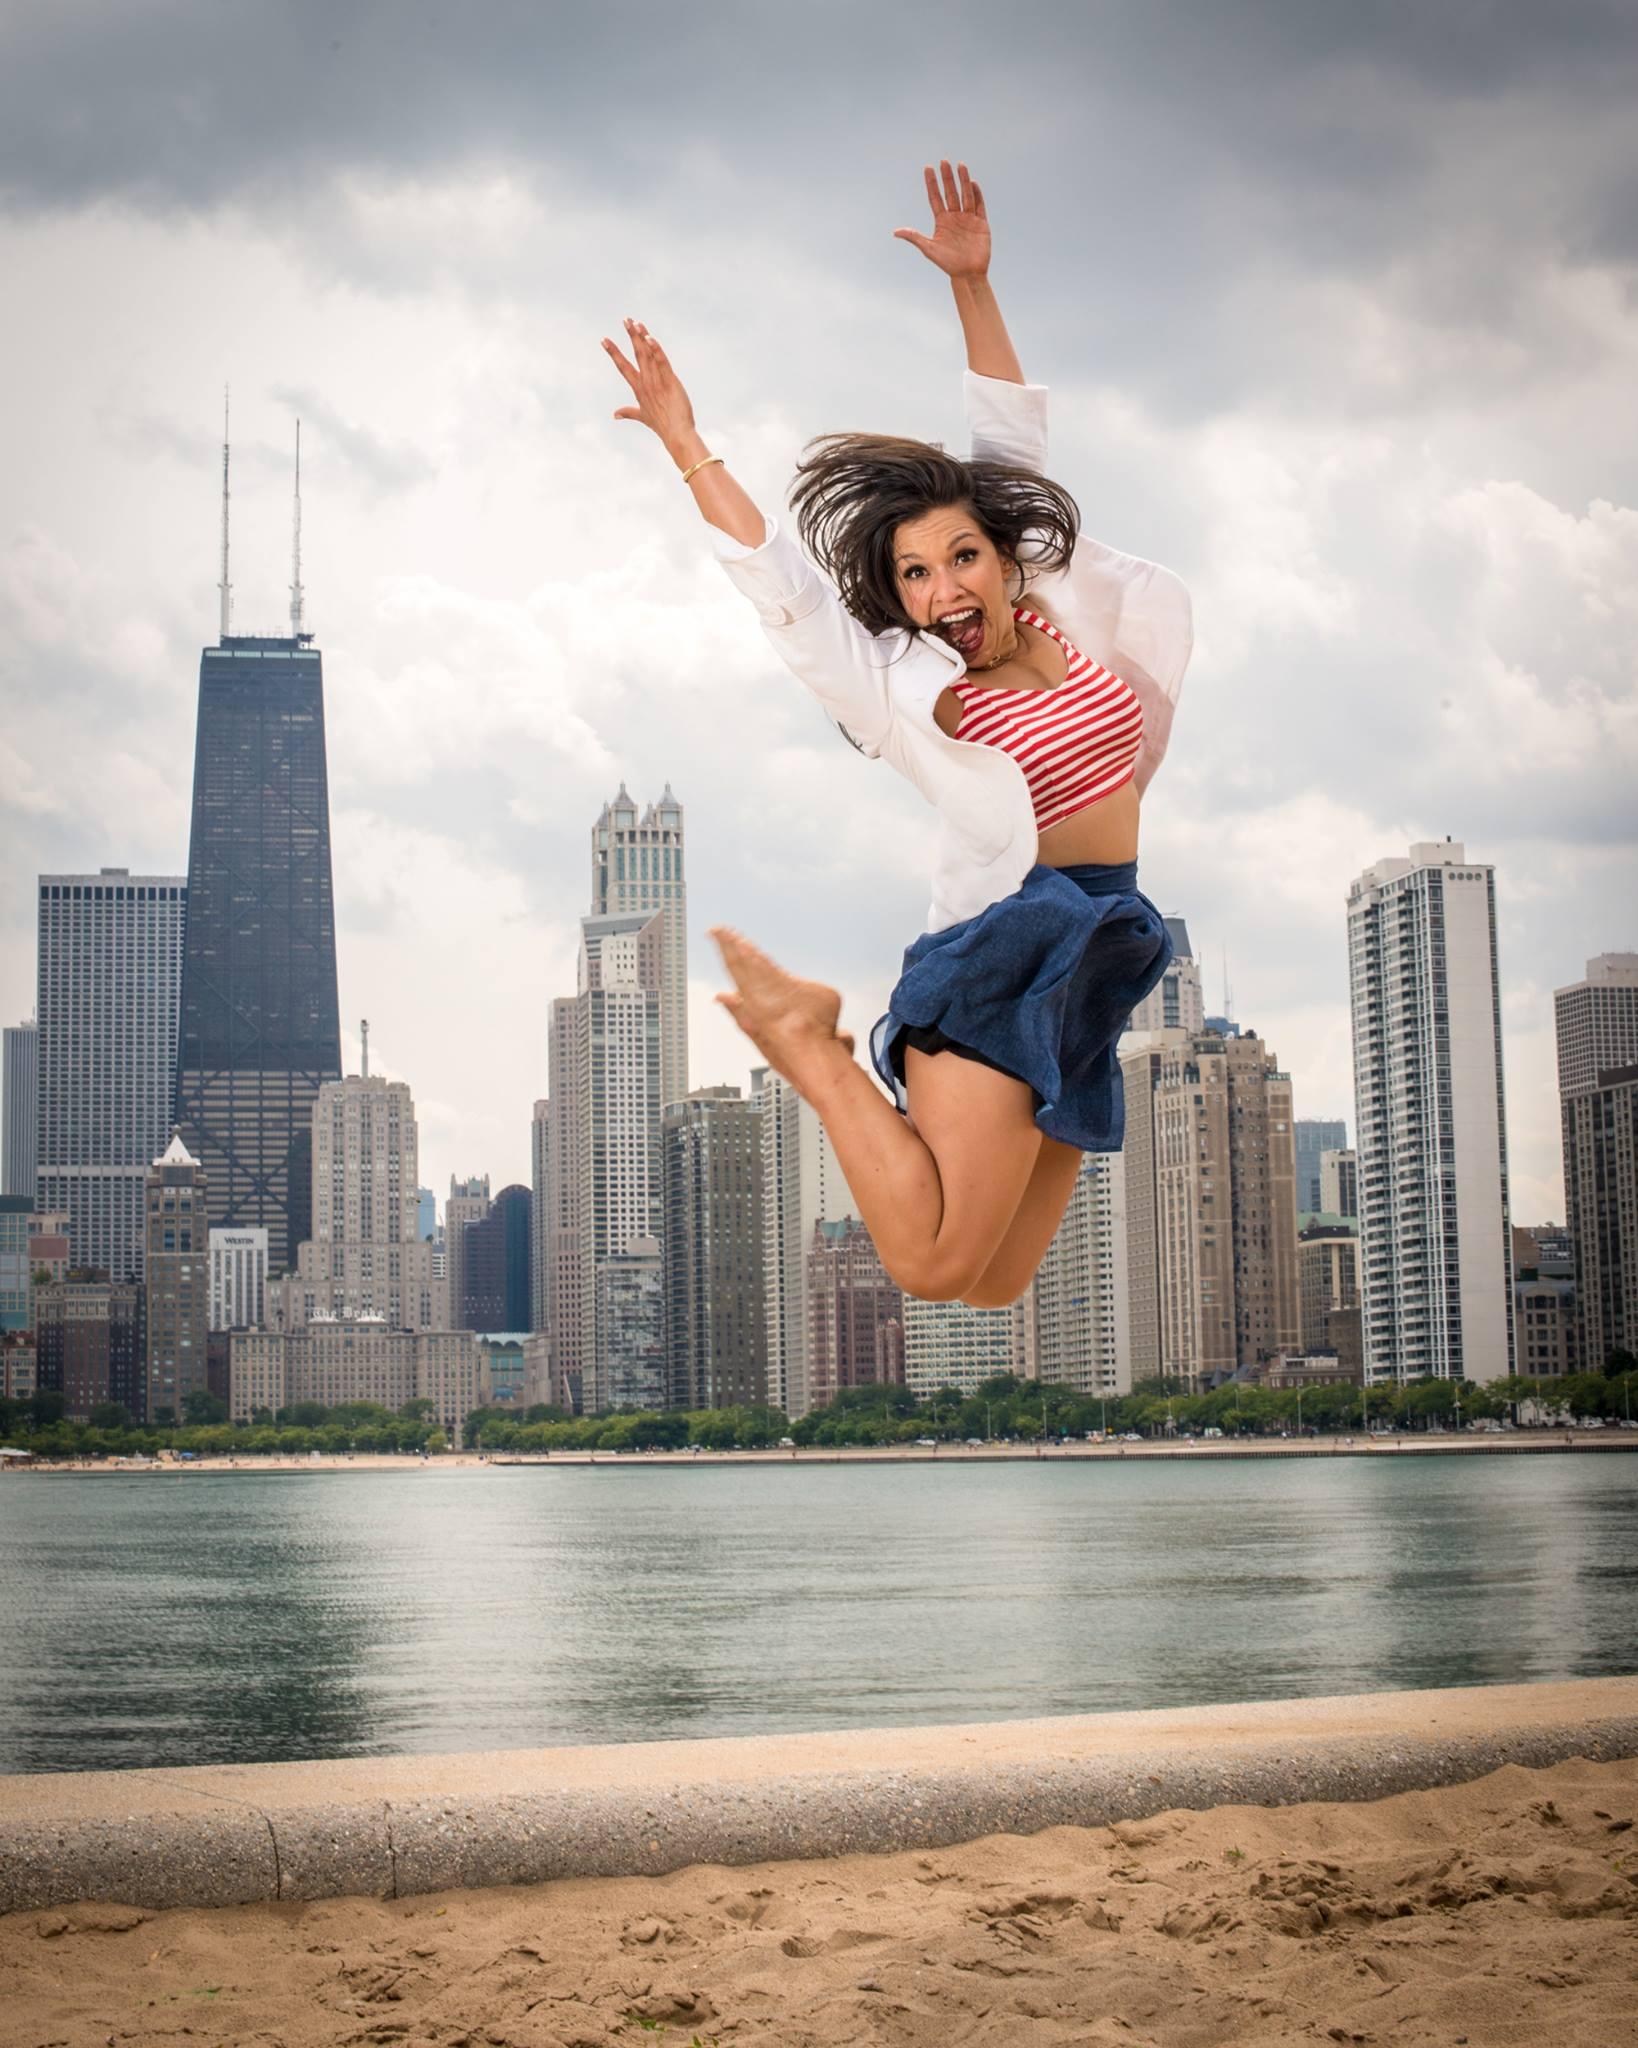 jen knoedl chicago jump 2013